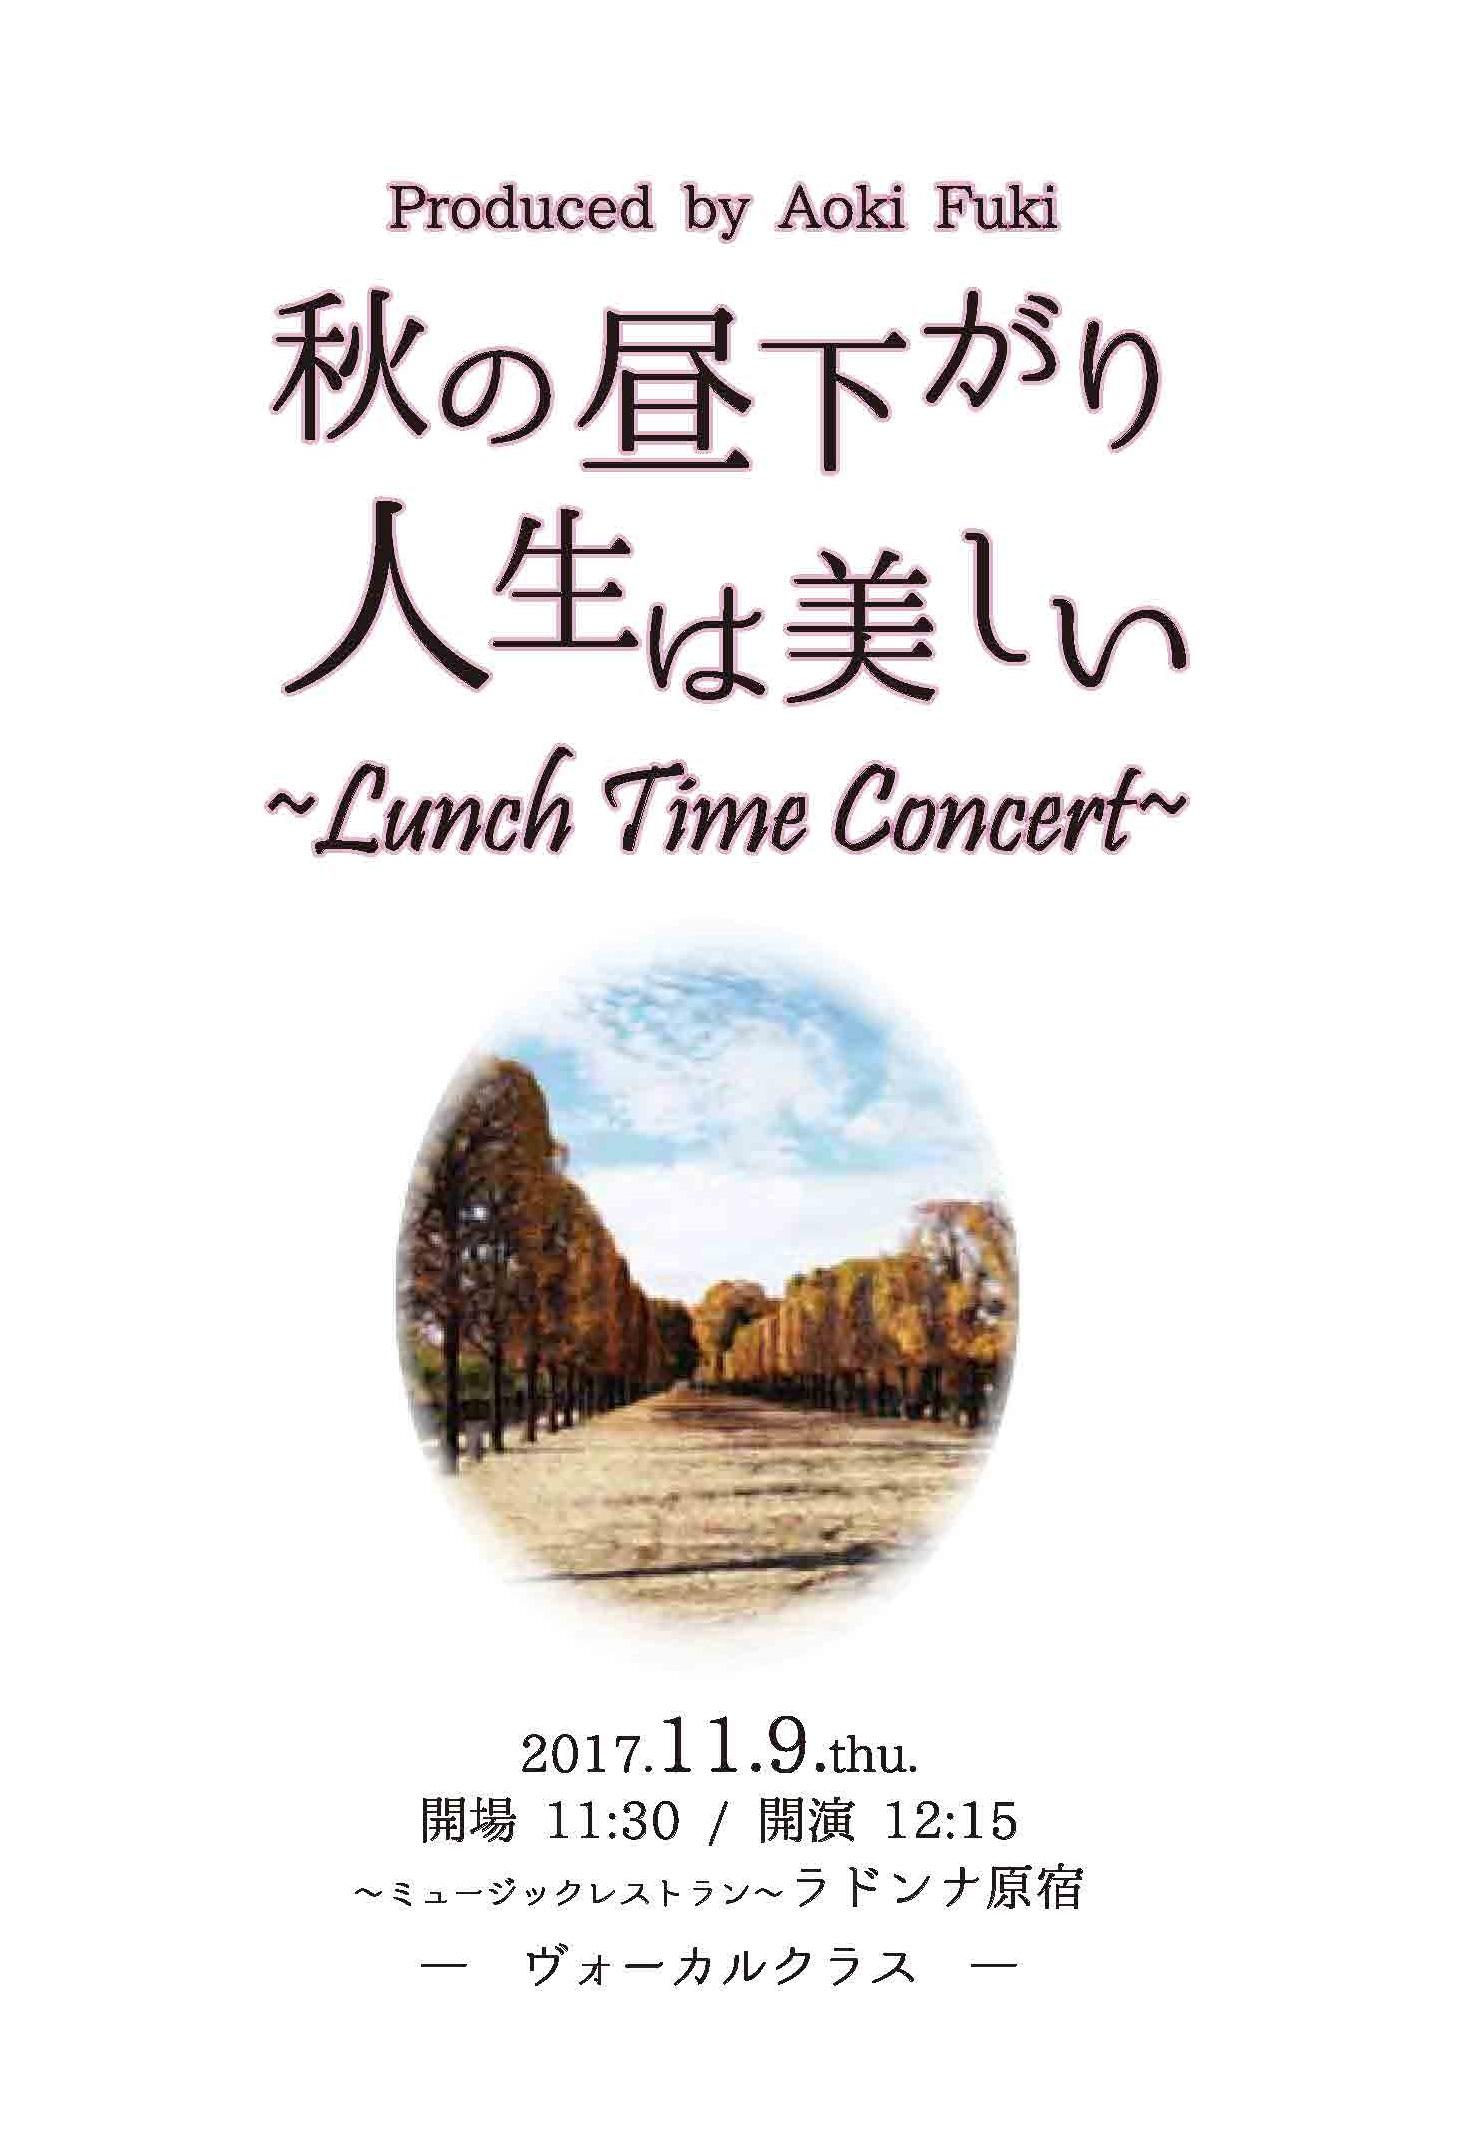 青木FUKIプロデュース 秋の昼下がり 人生は美しい ランチタイムコンサート ~ヴォーカルクラス~